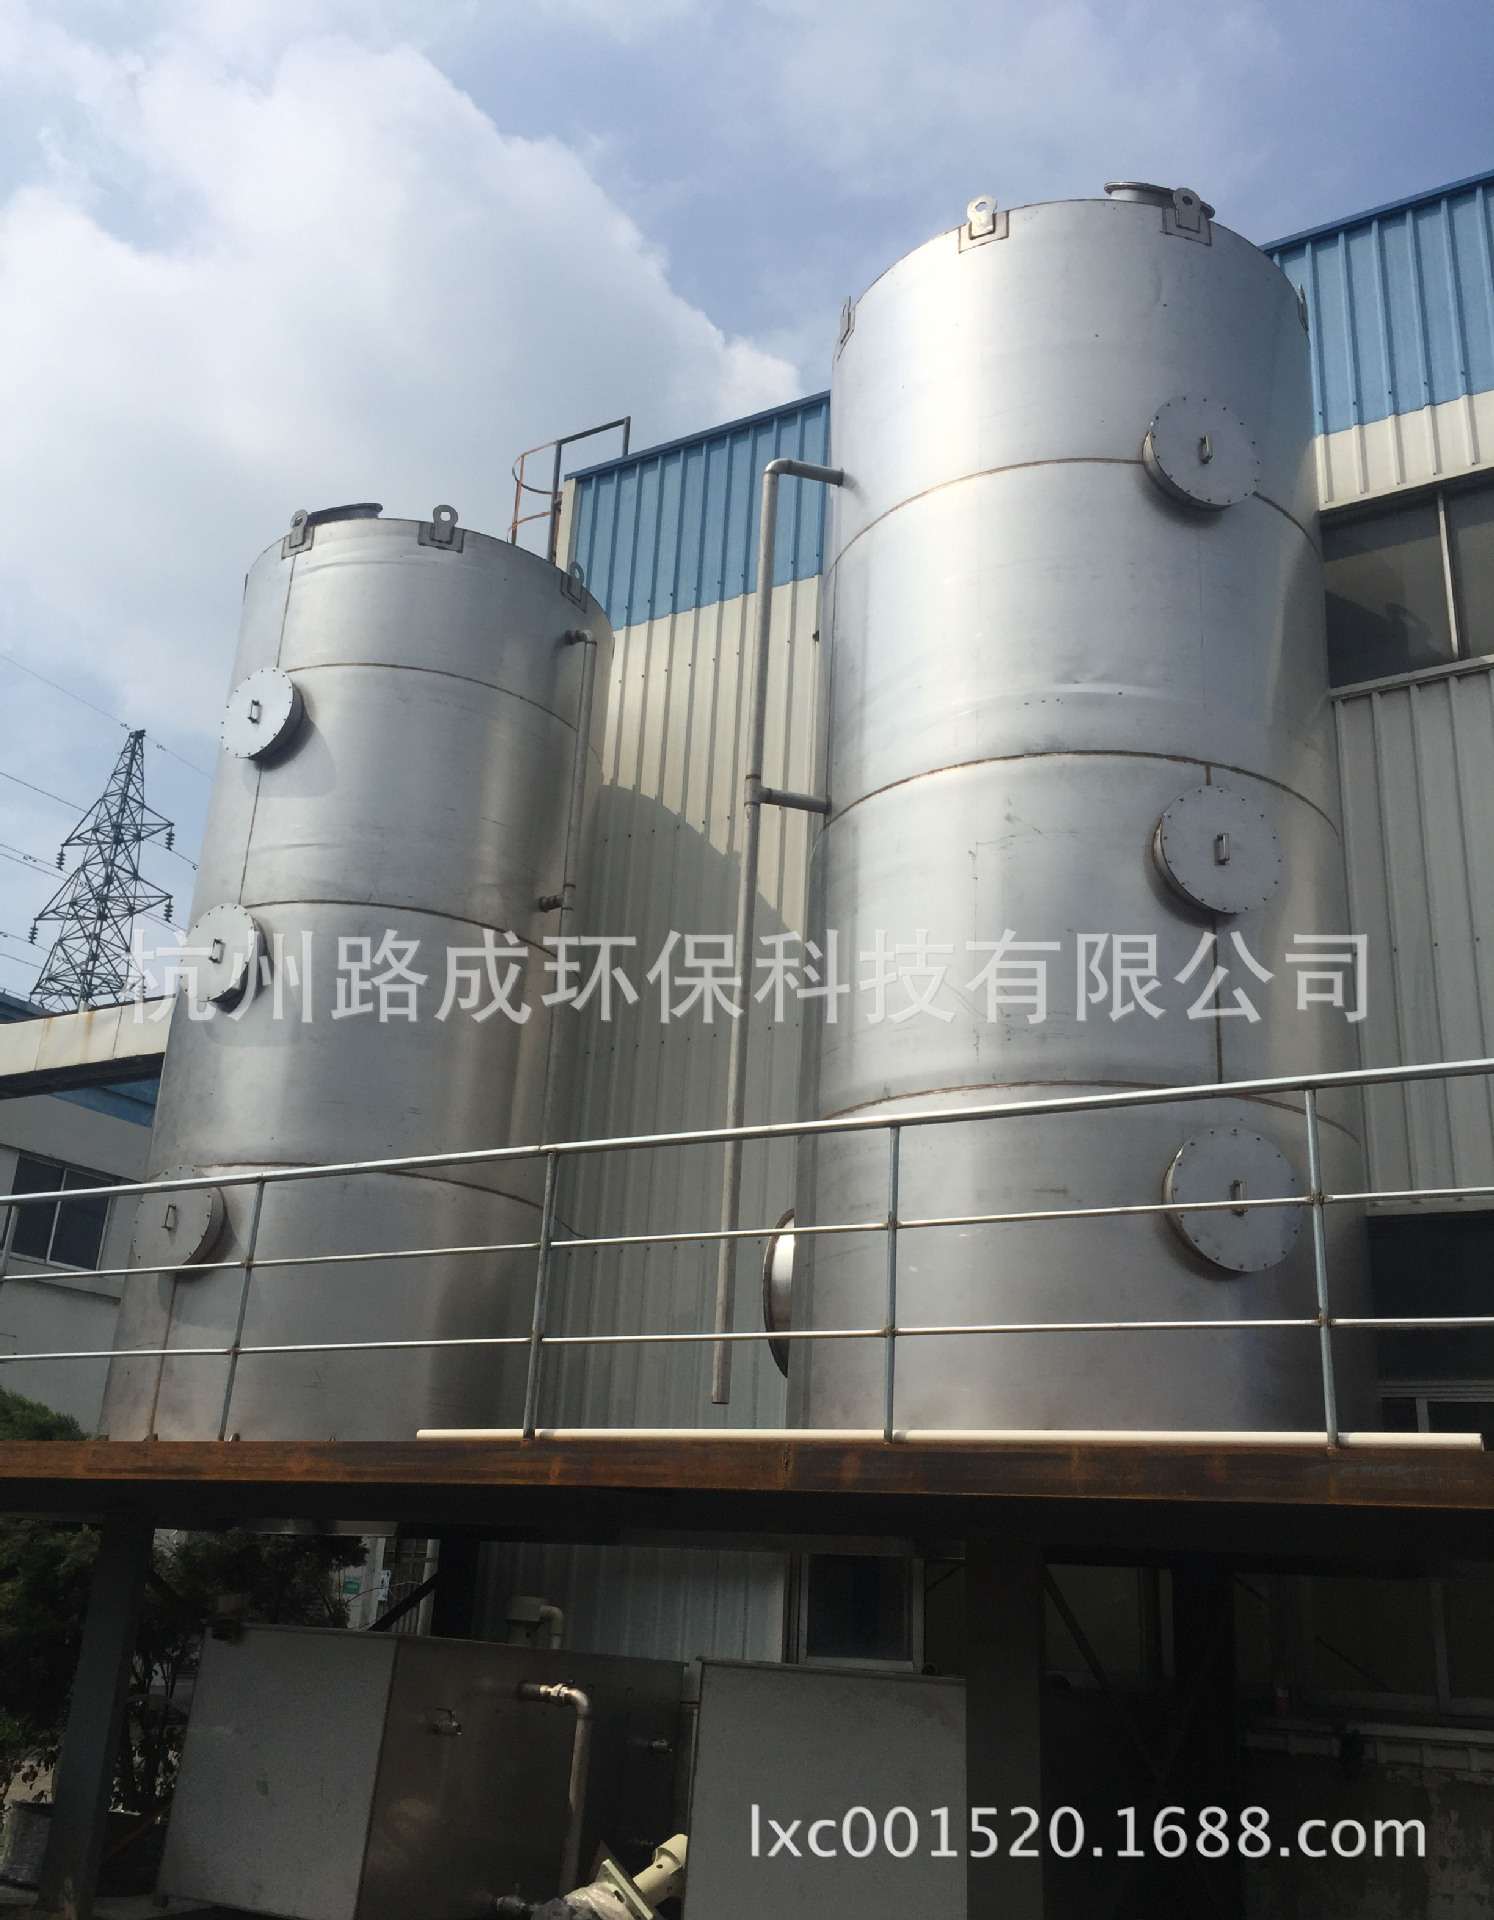 油漆废气解决设施酸雾污染塔废气解决污染设施工业废气污染设施